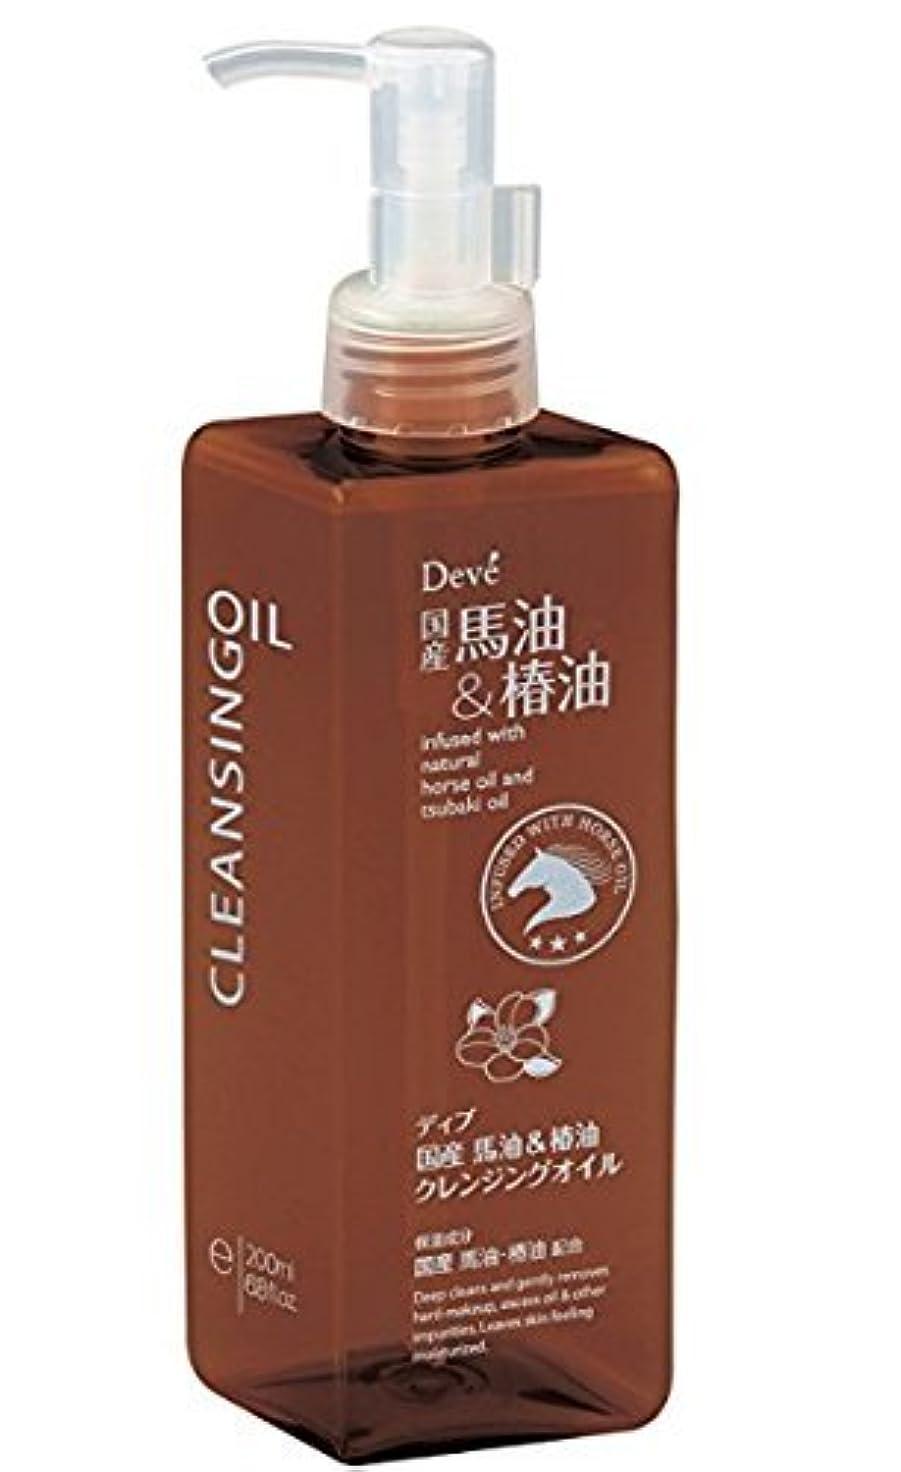 ディブ 国産 馬油&椿油 クレンジングオイル × 5個セット